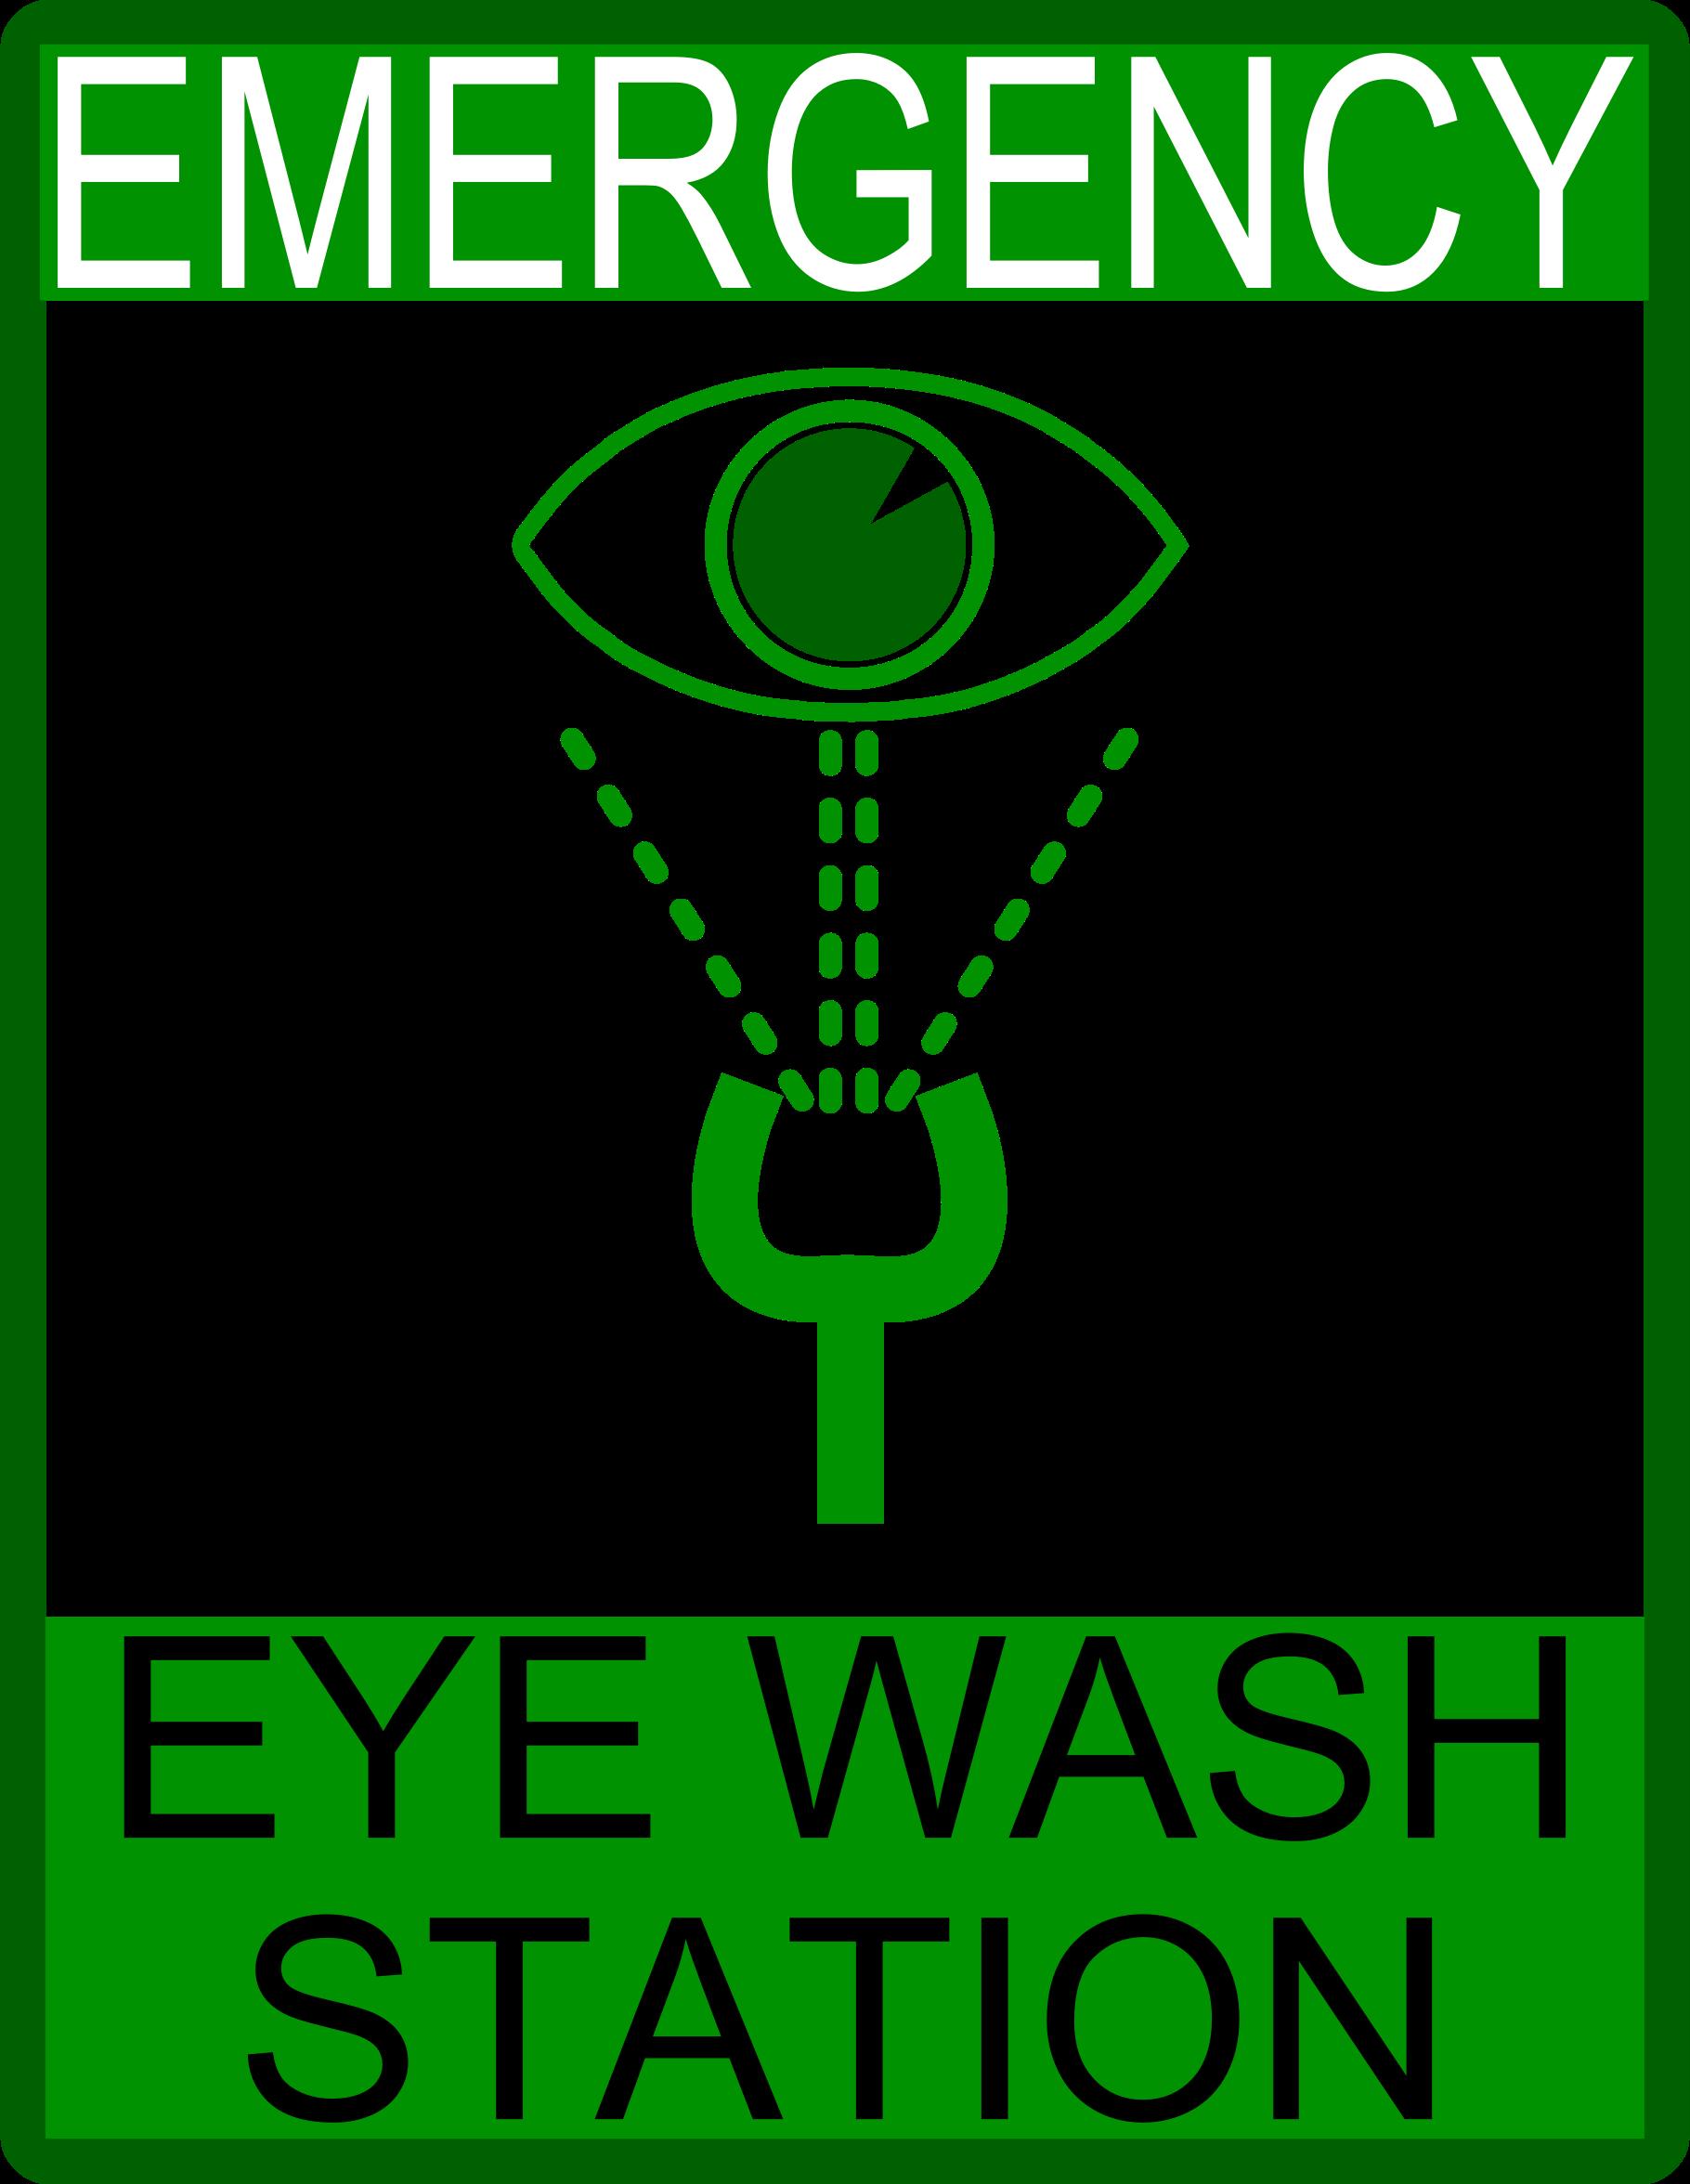 Washing eyes clipart.